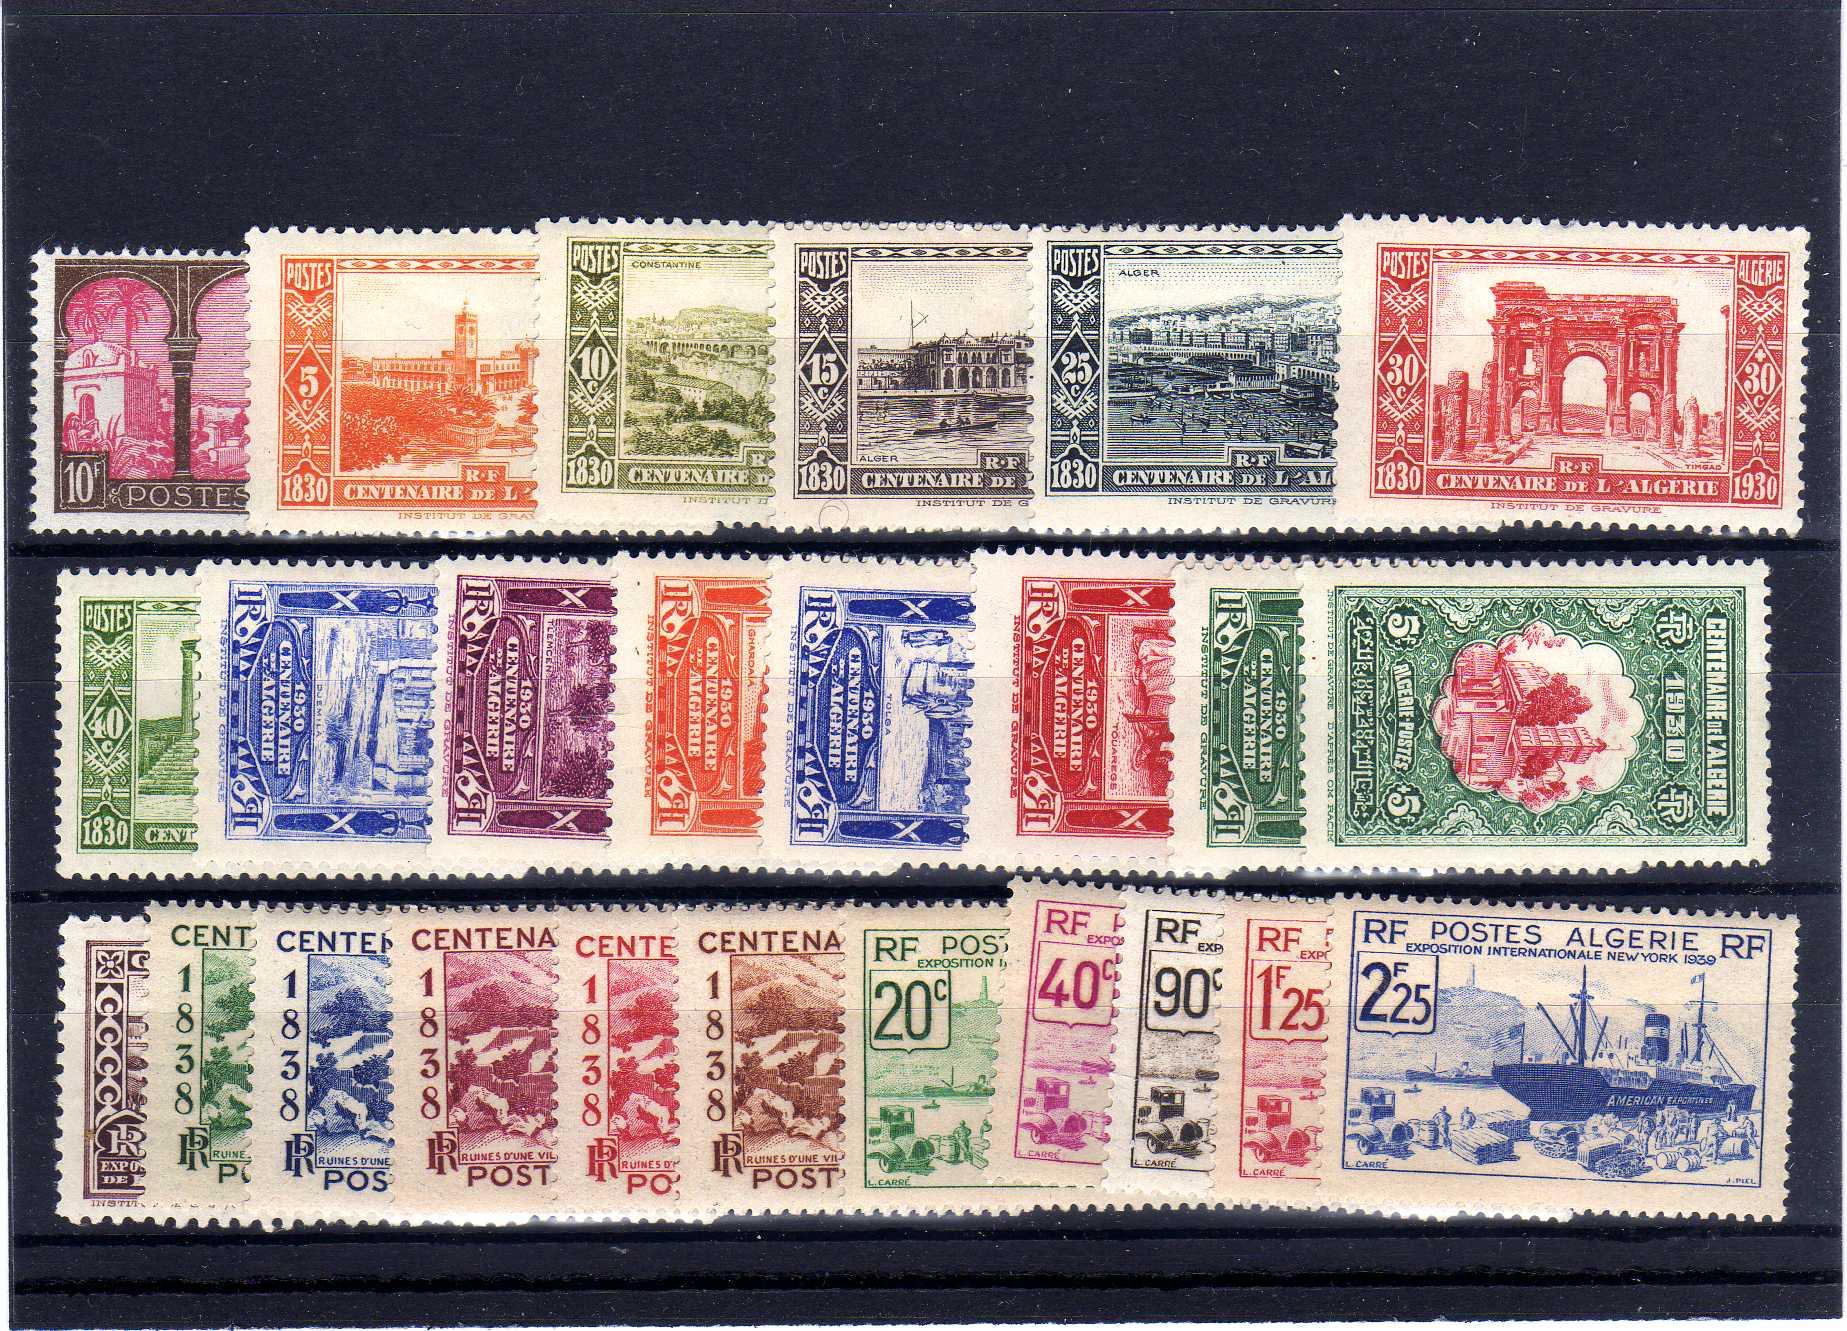 Lot 24 - FRANCE & COLONIES Algeria -  Georg Bühler Briefmarken Auktionen GmbH 27th mail bid auction